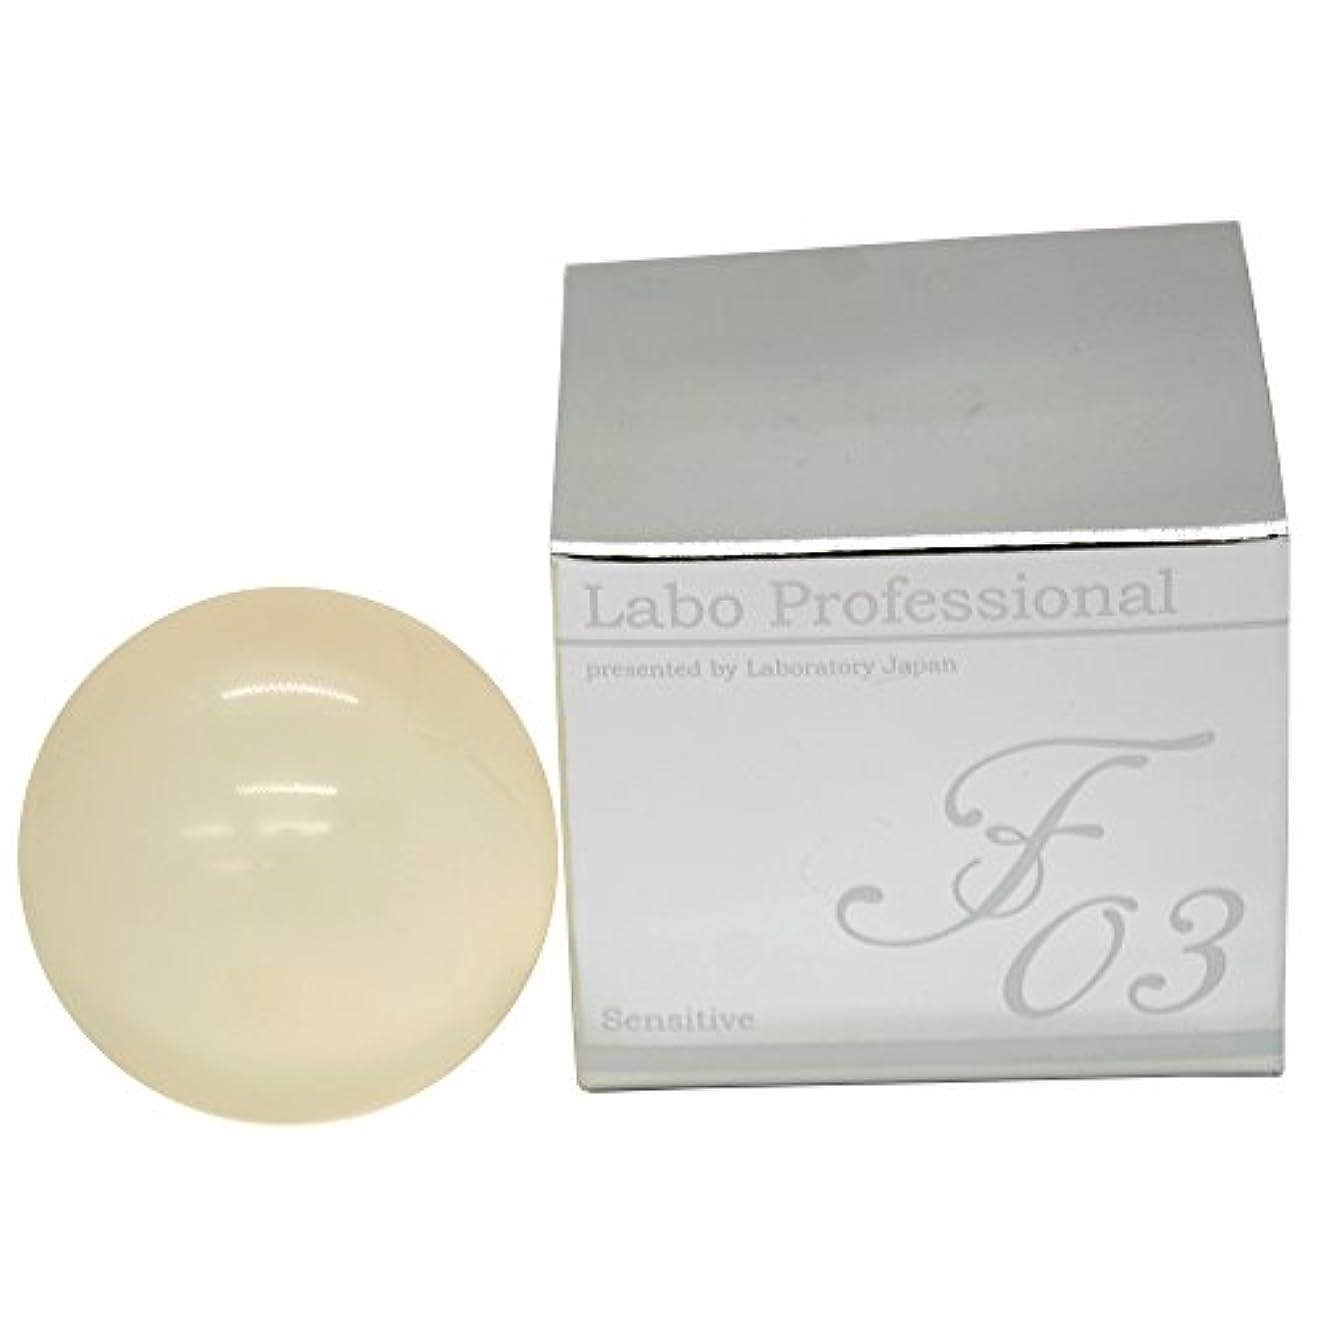 日本製【真性フコイダン配合】赤ちゃんから使える 敏感肌向け美容石鹸 Labo Professional F03